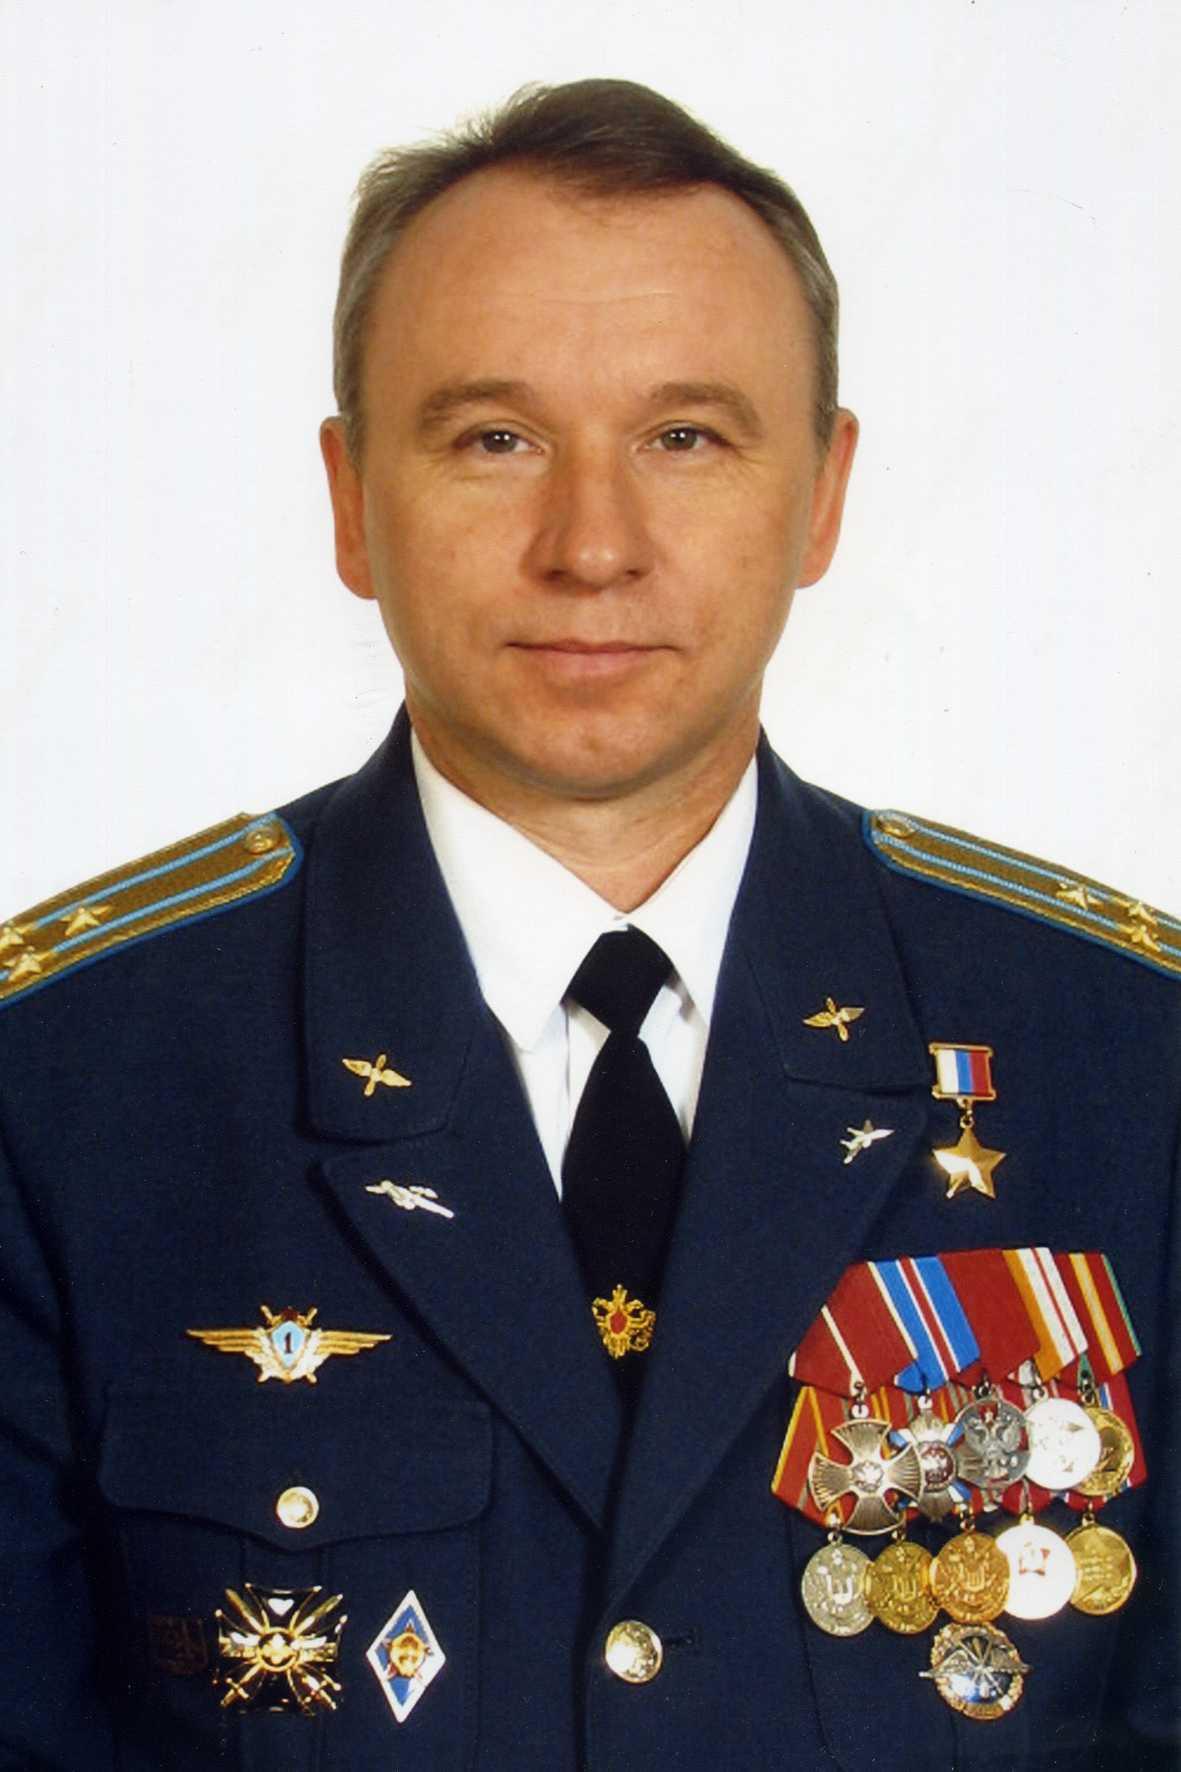 Герой Российской Федерации полковник ОСЫКОВЫЙ Николай Михайлович